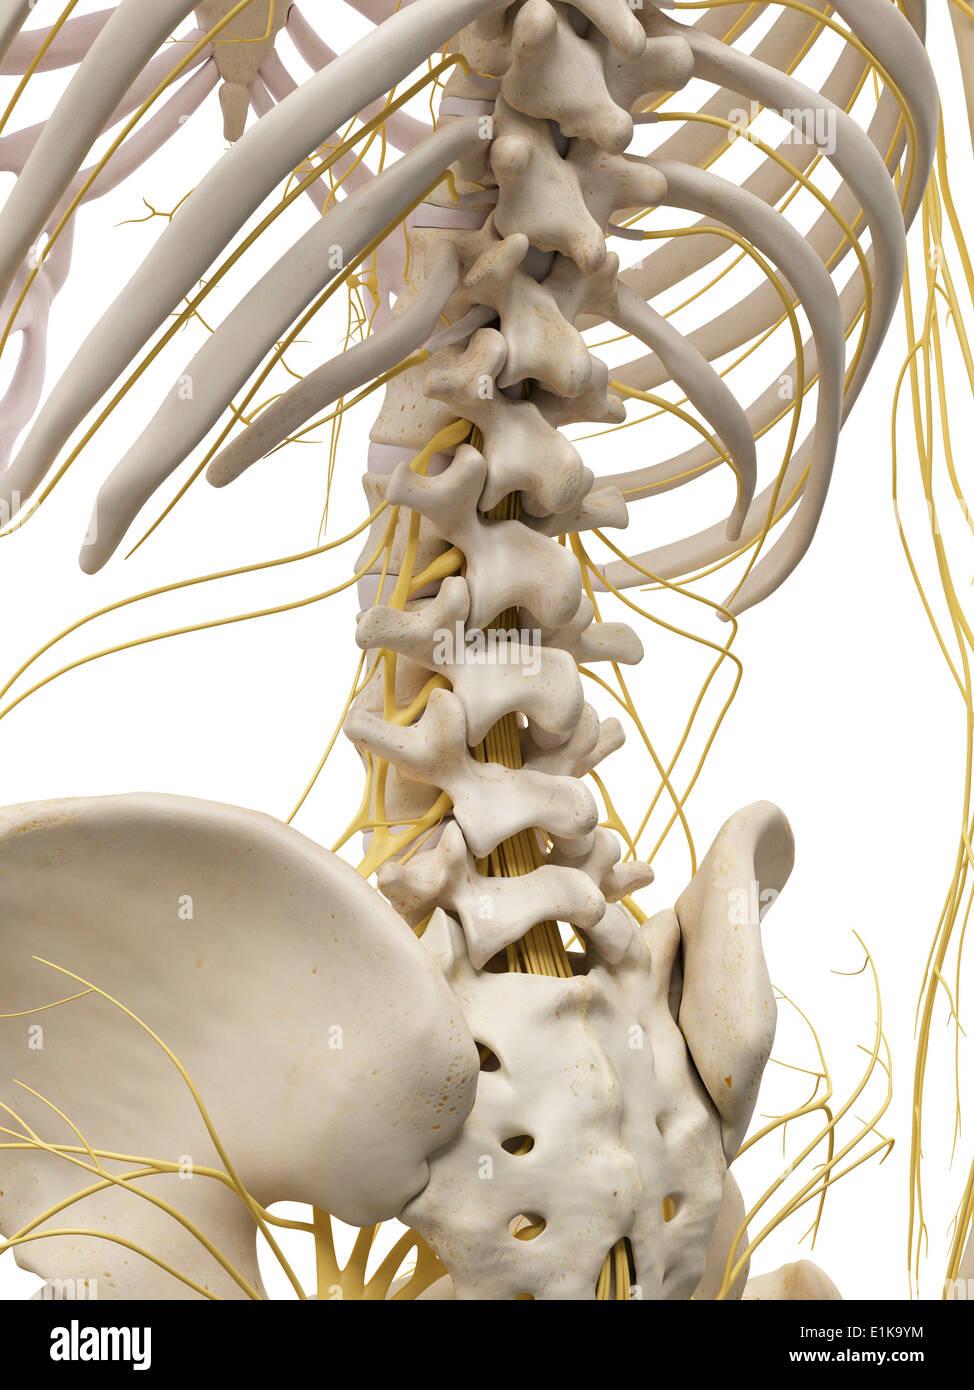 Ziemlich Anatomie Knochen Lernkarten Bilder - Menschliche Anatomie ...